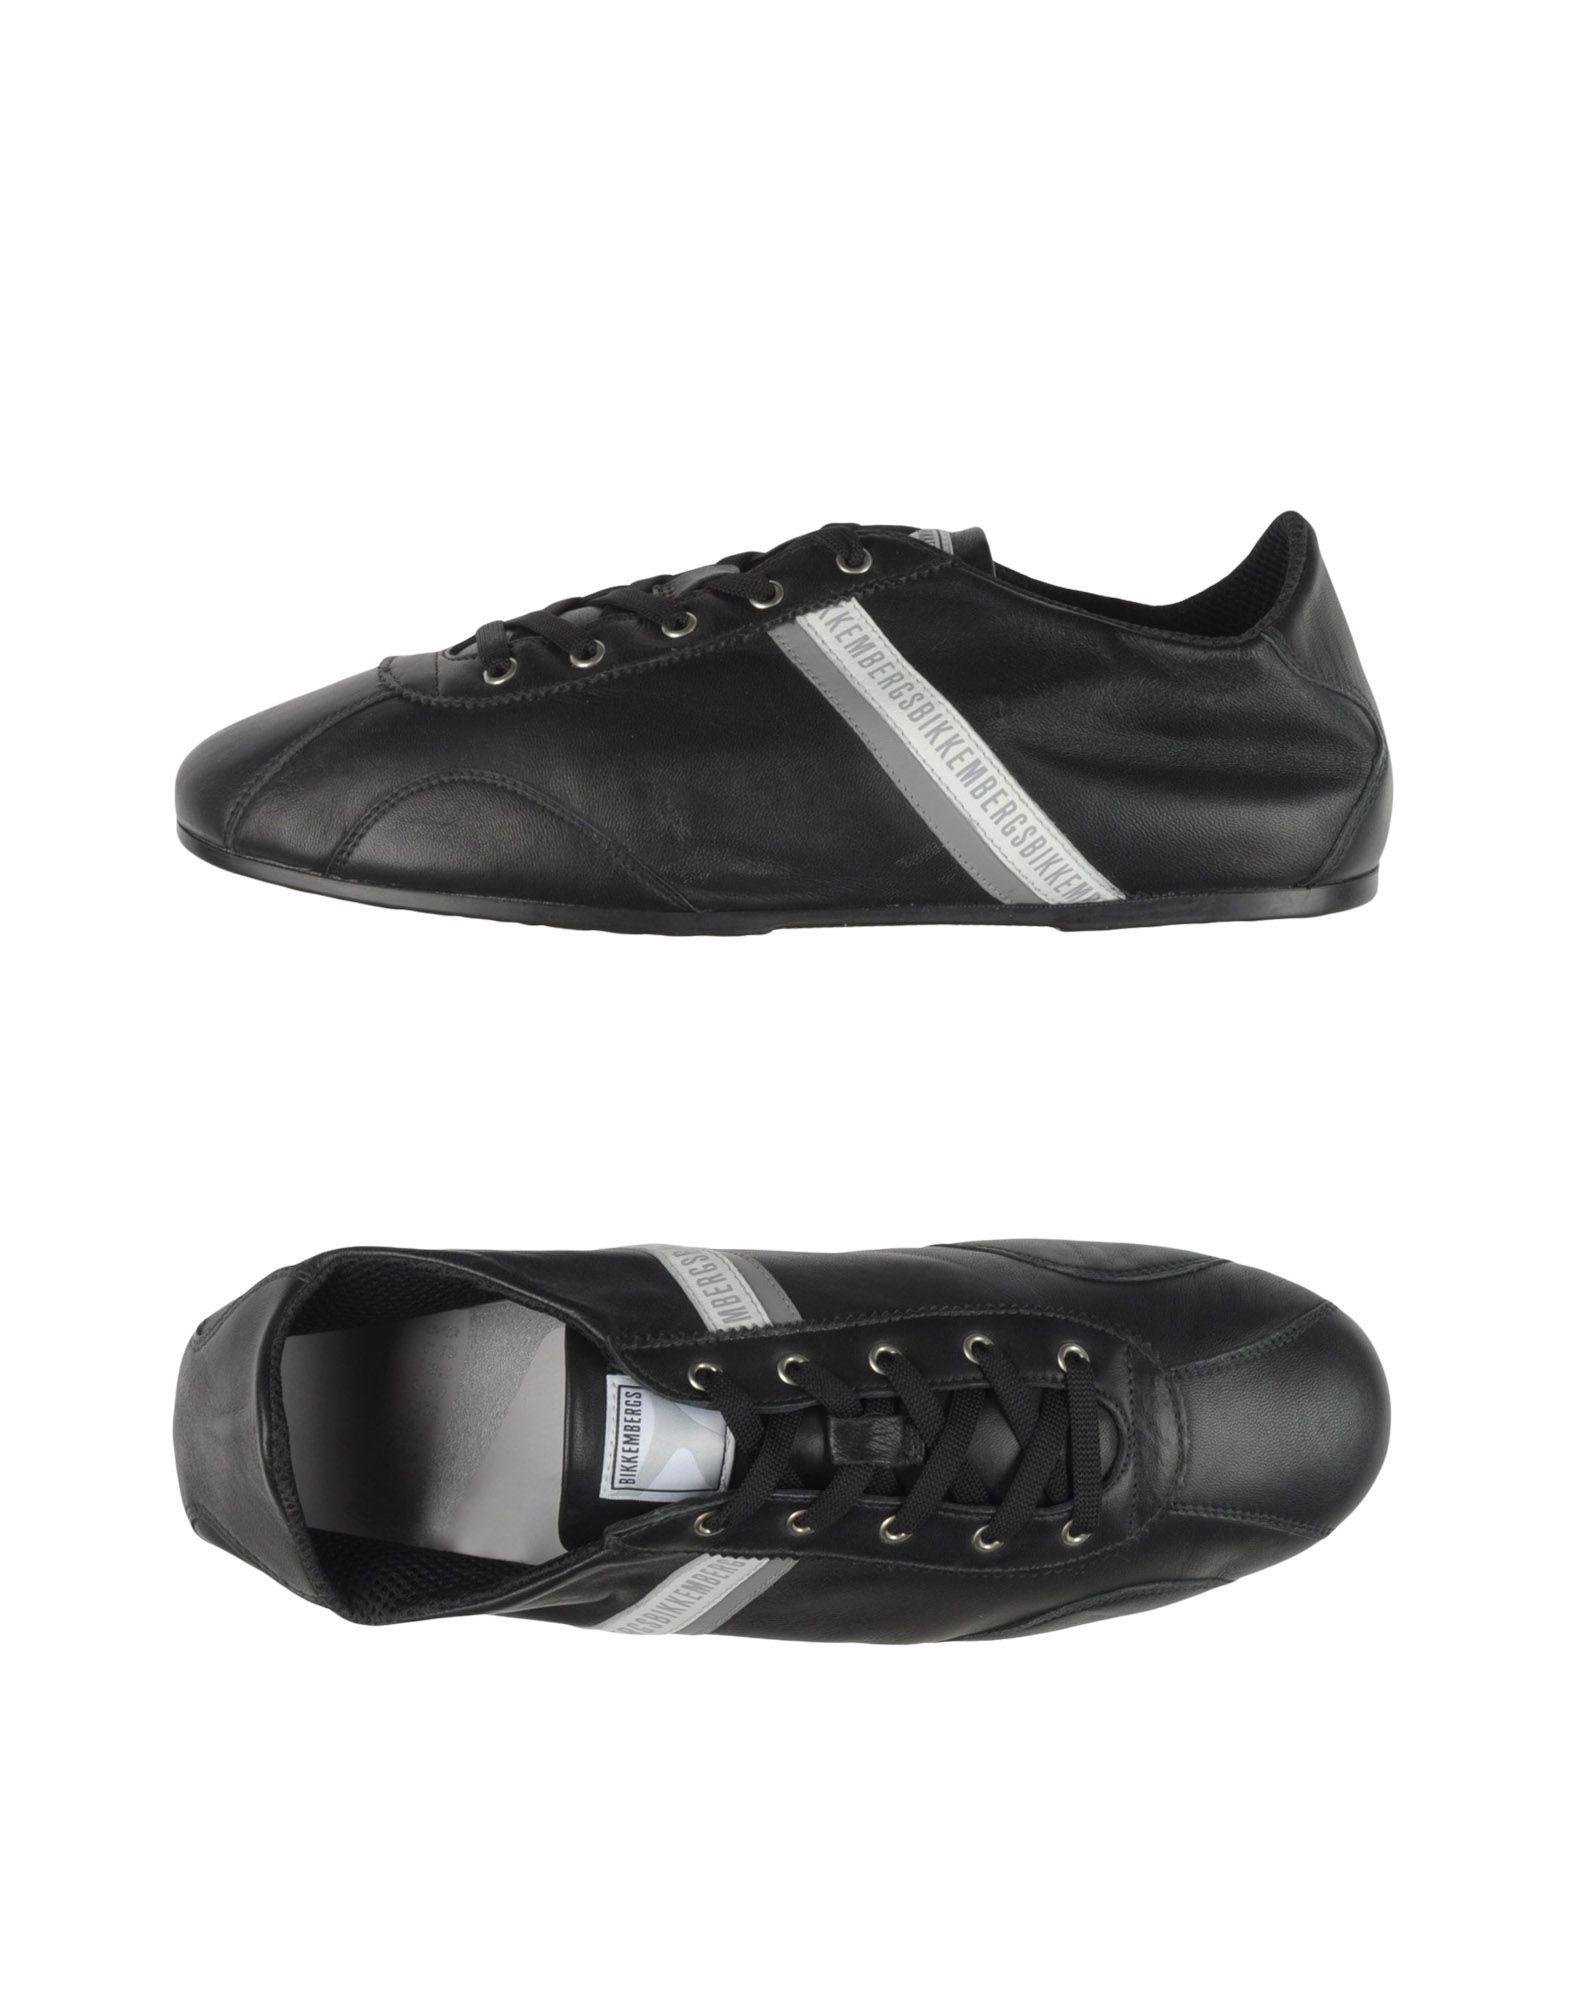 Bikkembergs Sneakers  - Men Bikkembergs Sneakers online on  Sneakers Australia - 44991378JX 3f3f6b